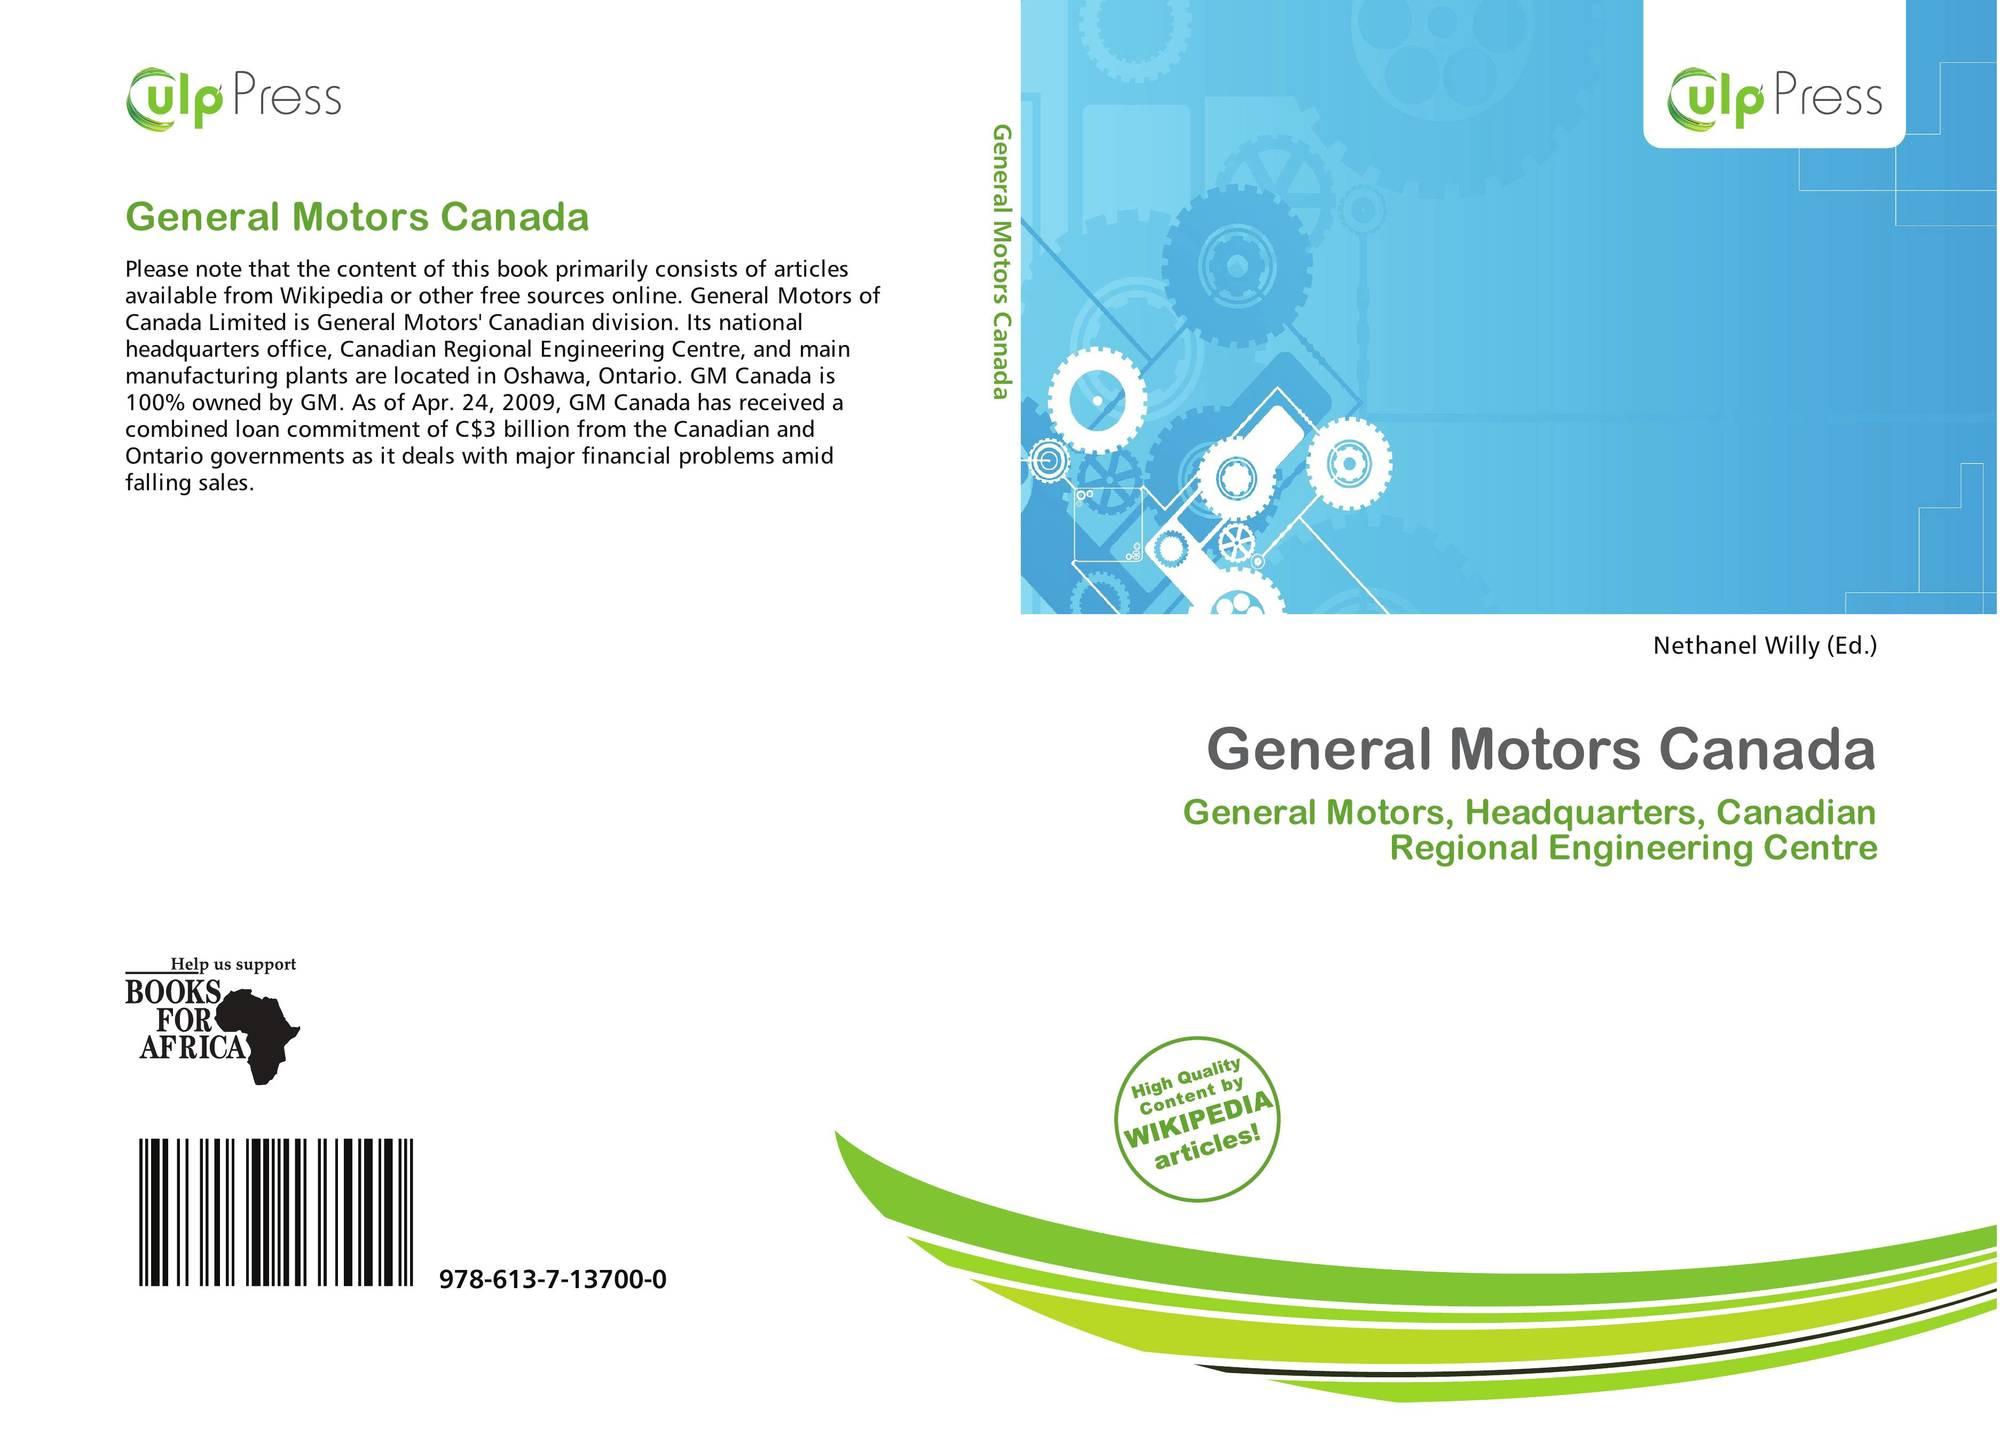 General Motors Canada, 978-613-7-13700-0, 6137137007